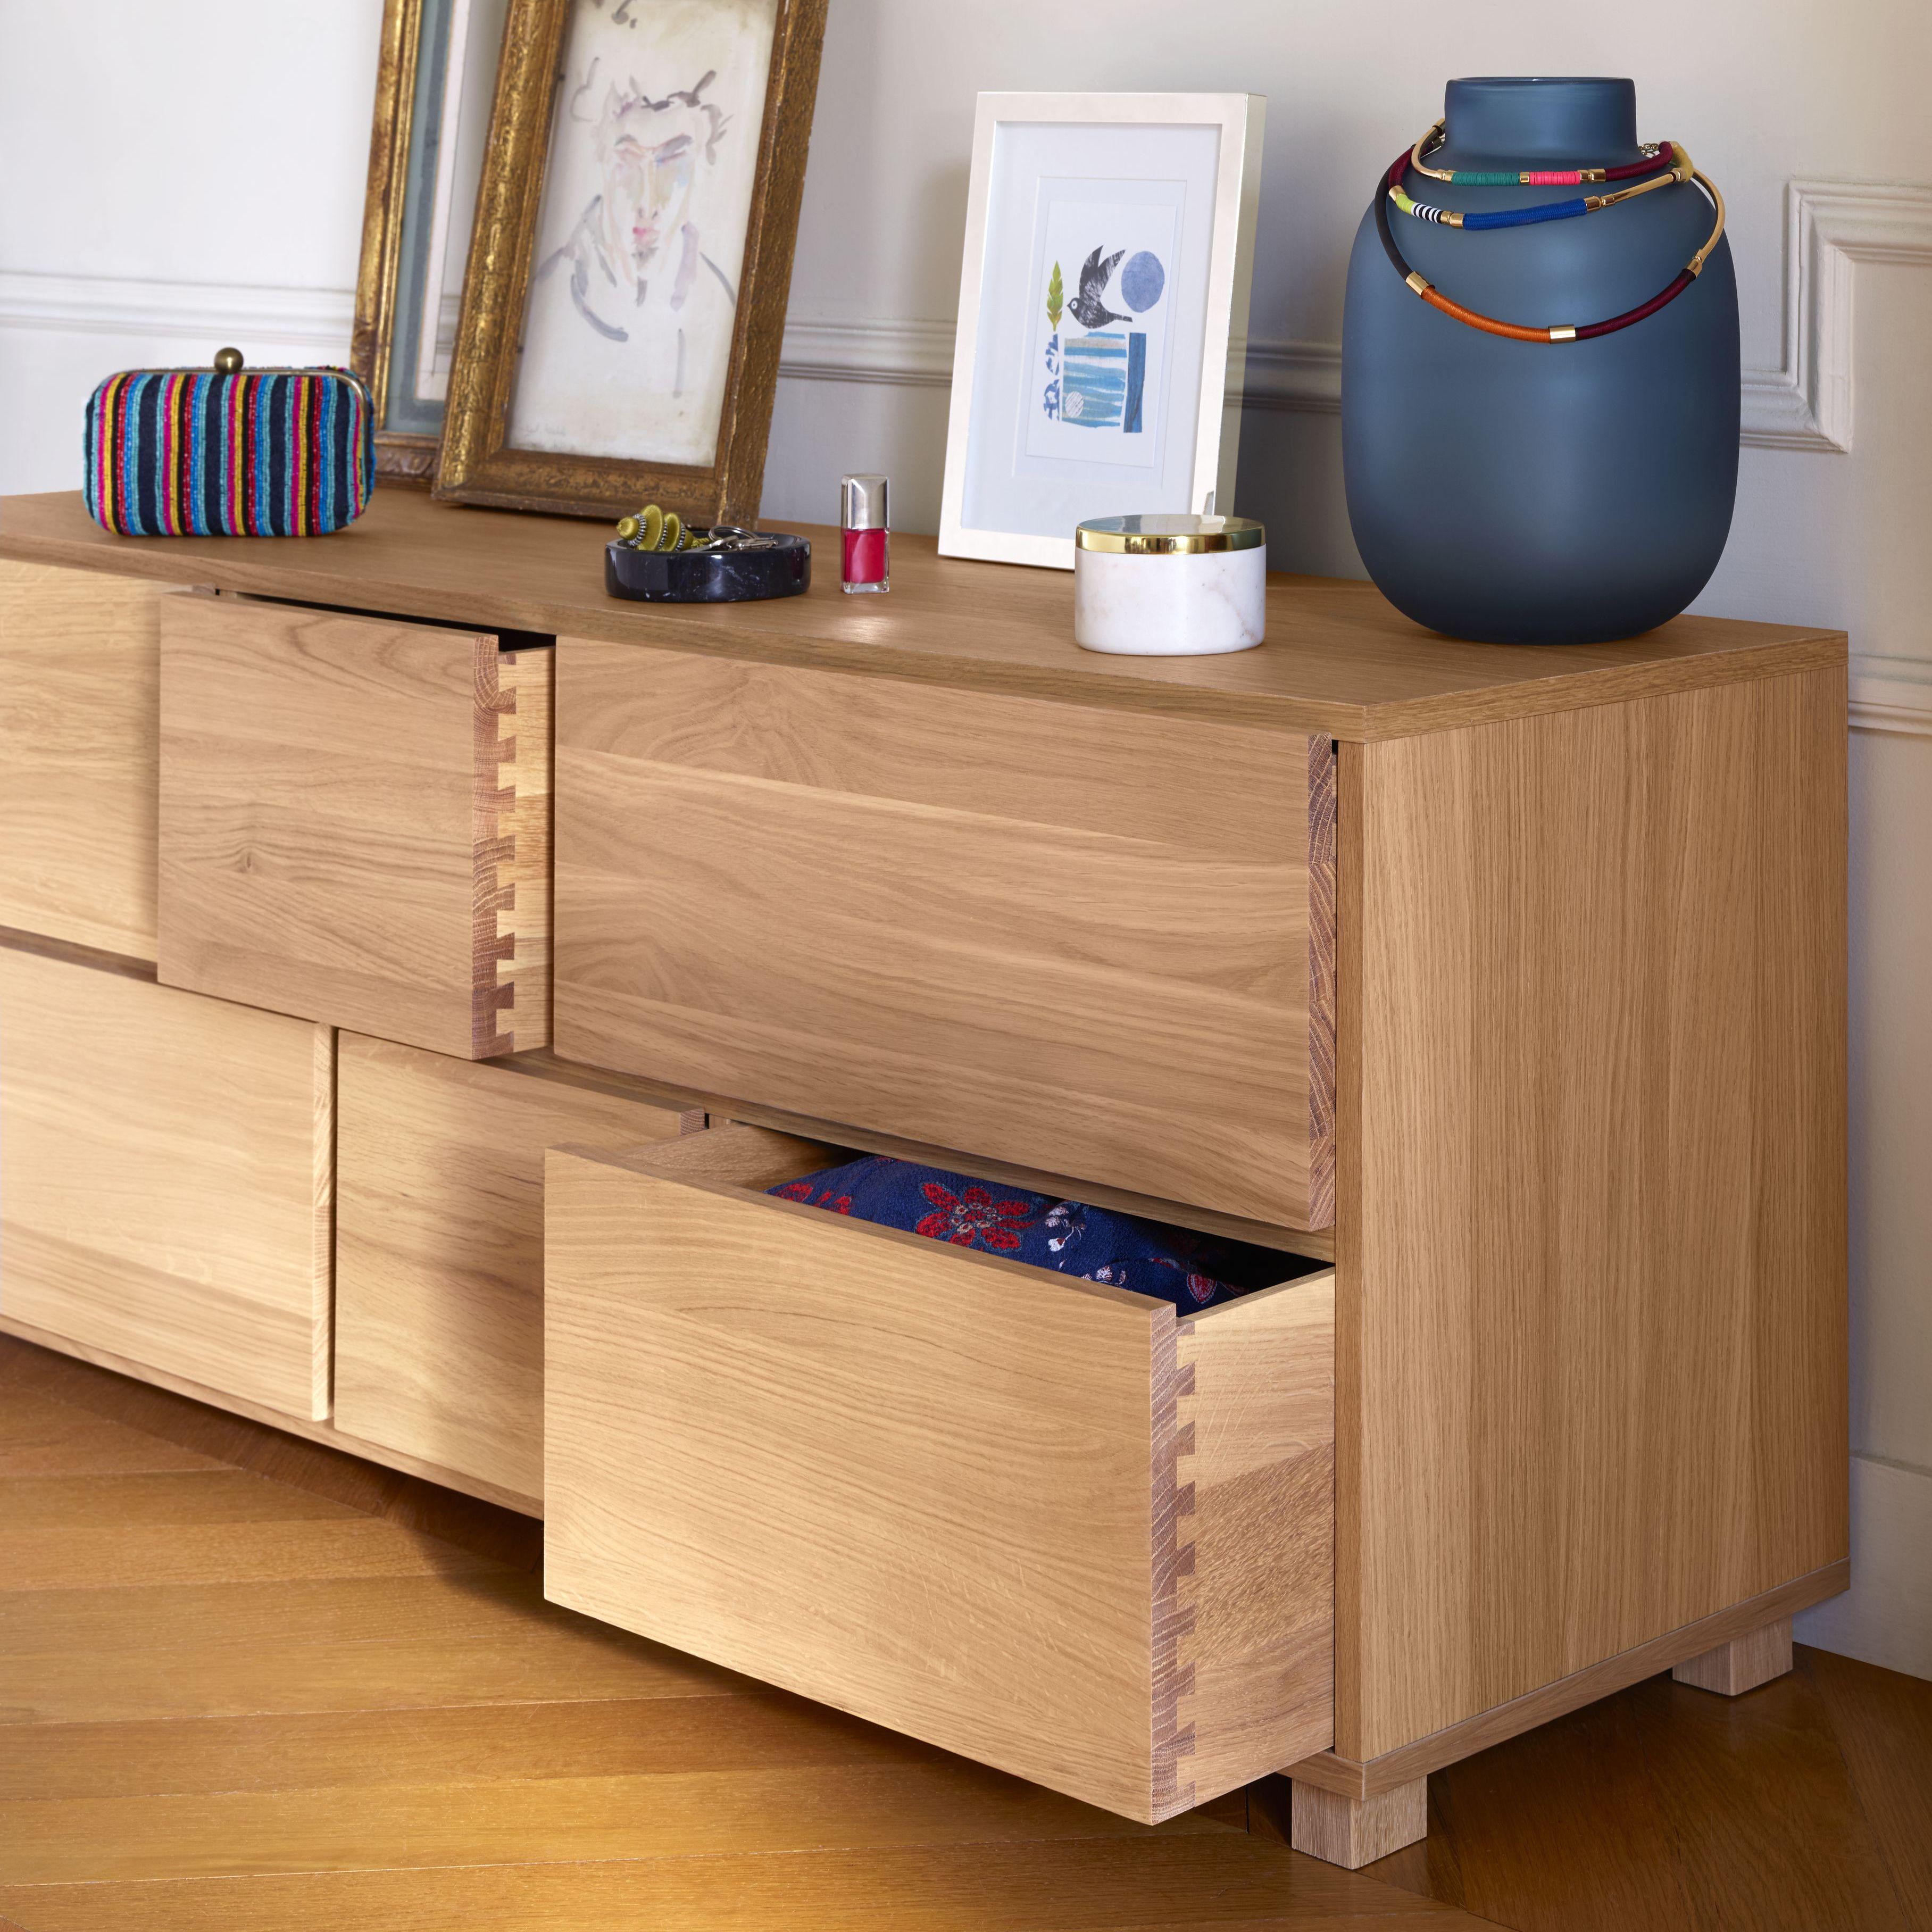 La Gamme Hana Ii Est Une Creation De La Designer Bethan Gray En Exclusivite Pour Habitat Cette Commod Commode Basse Commode Deco Chambre Parentale Tete De Lit